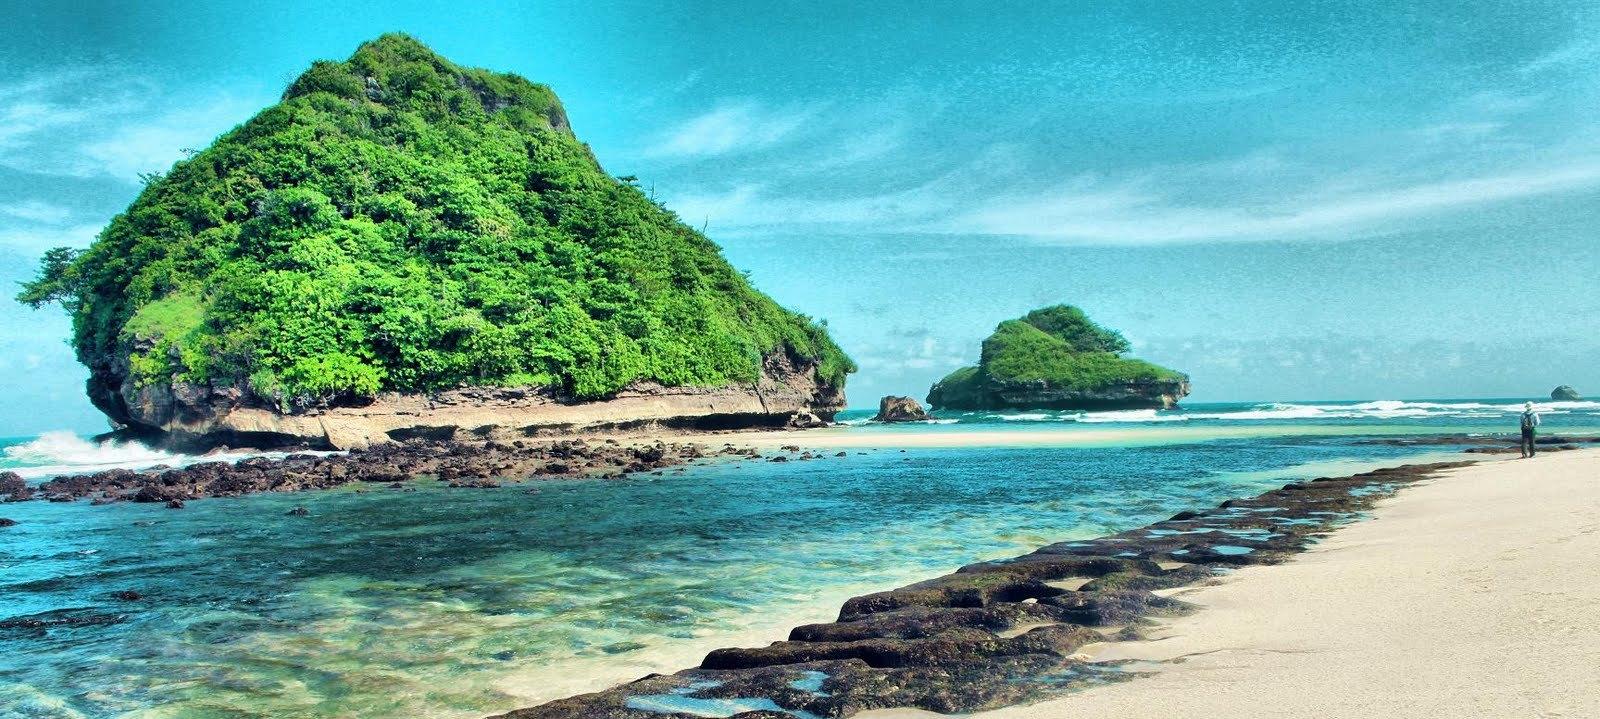 Tempat Wisata di Malang - Pantai Goa Cina